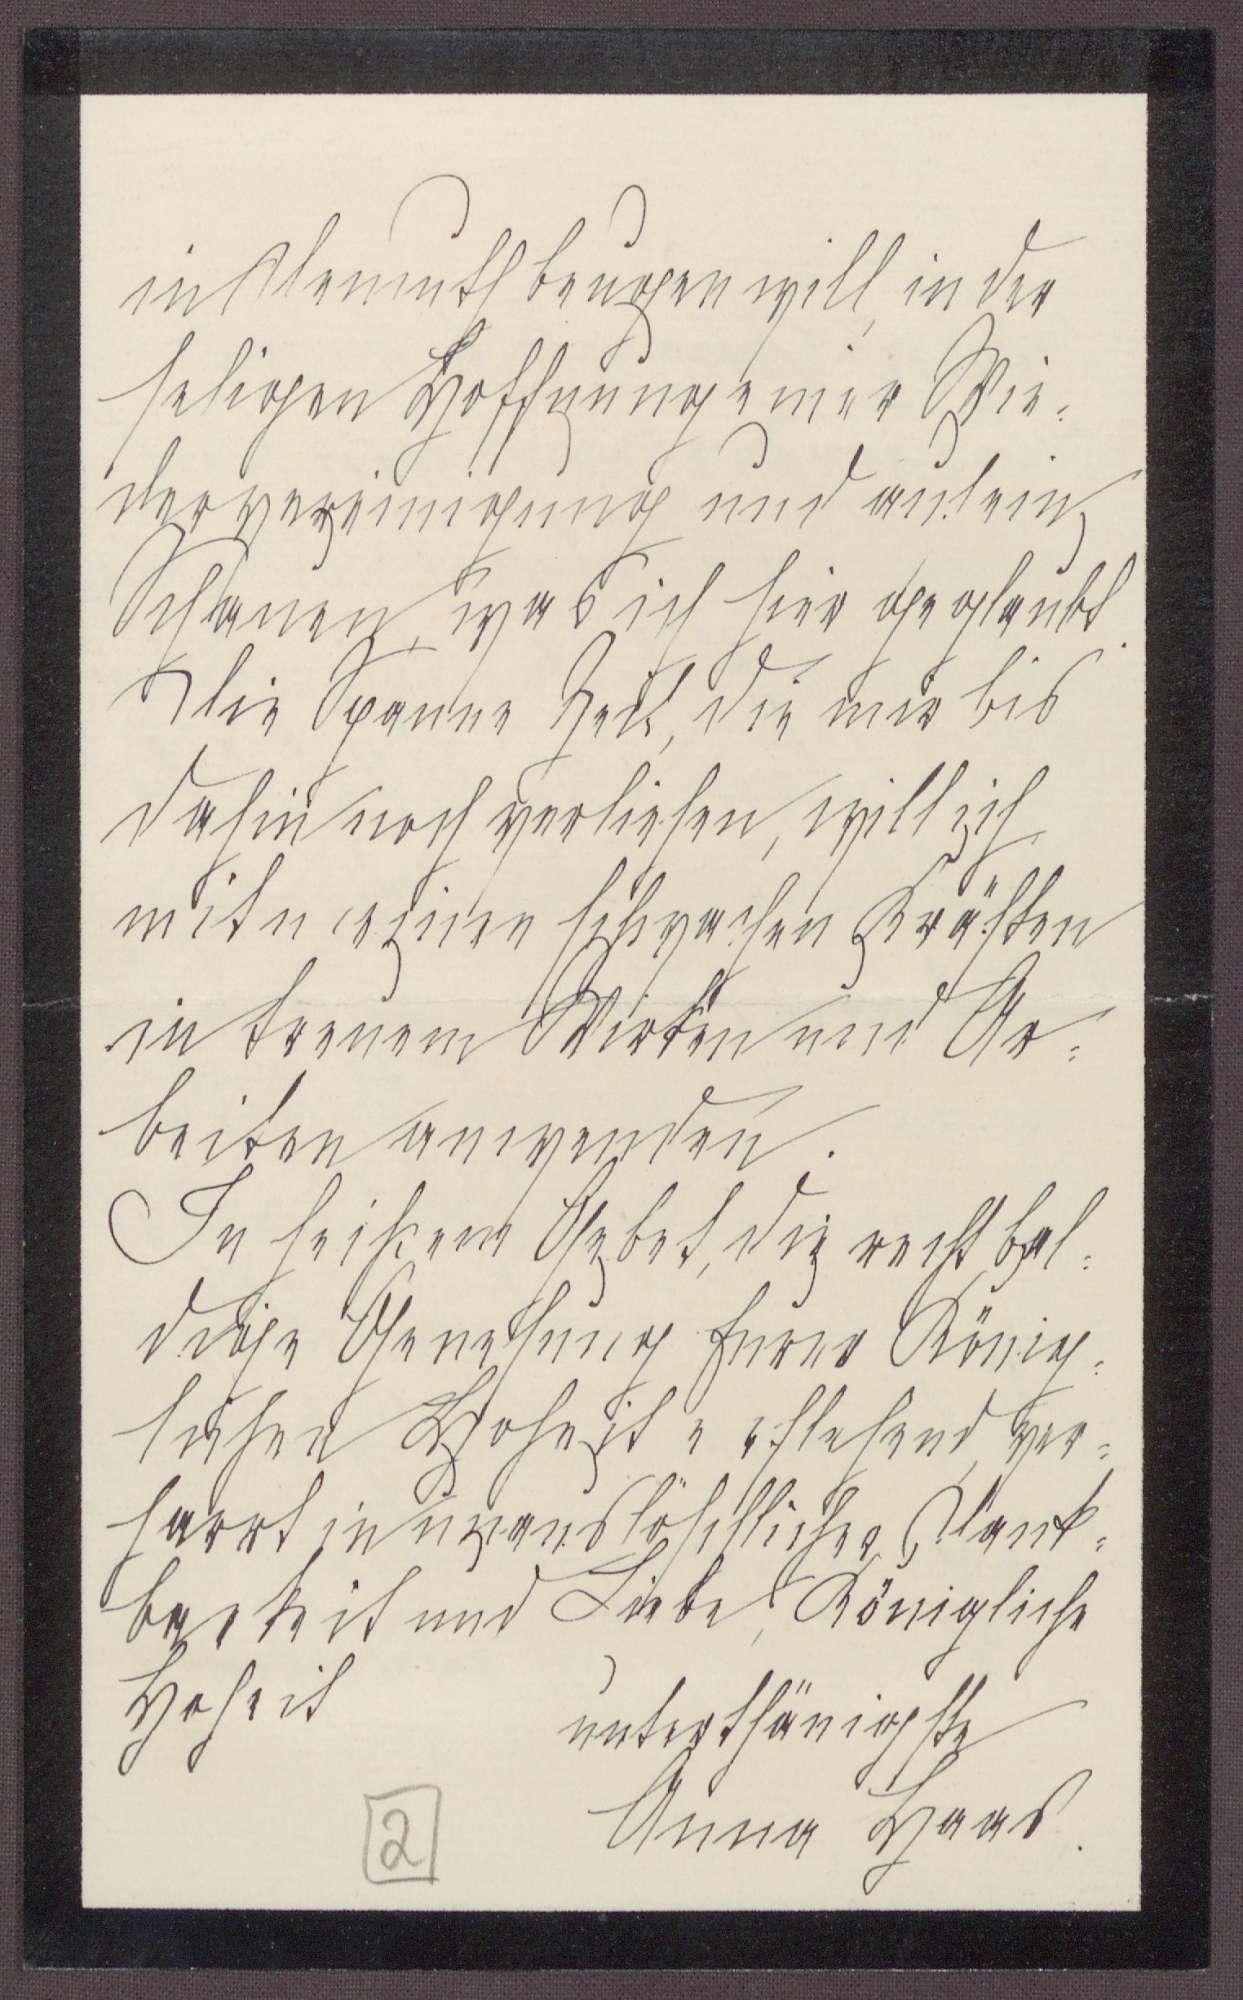 Schreiben von Anna Haas an die Großherzogin Luise; Dank an die Großherzogin für die Ehre, sie auf einer Reise begleiten zu dürfen, Bild 3